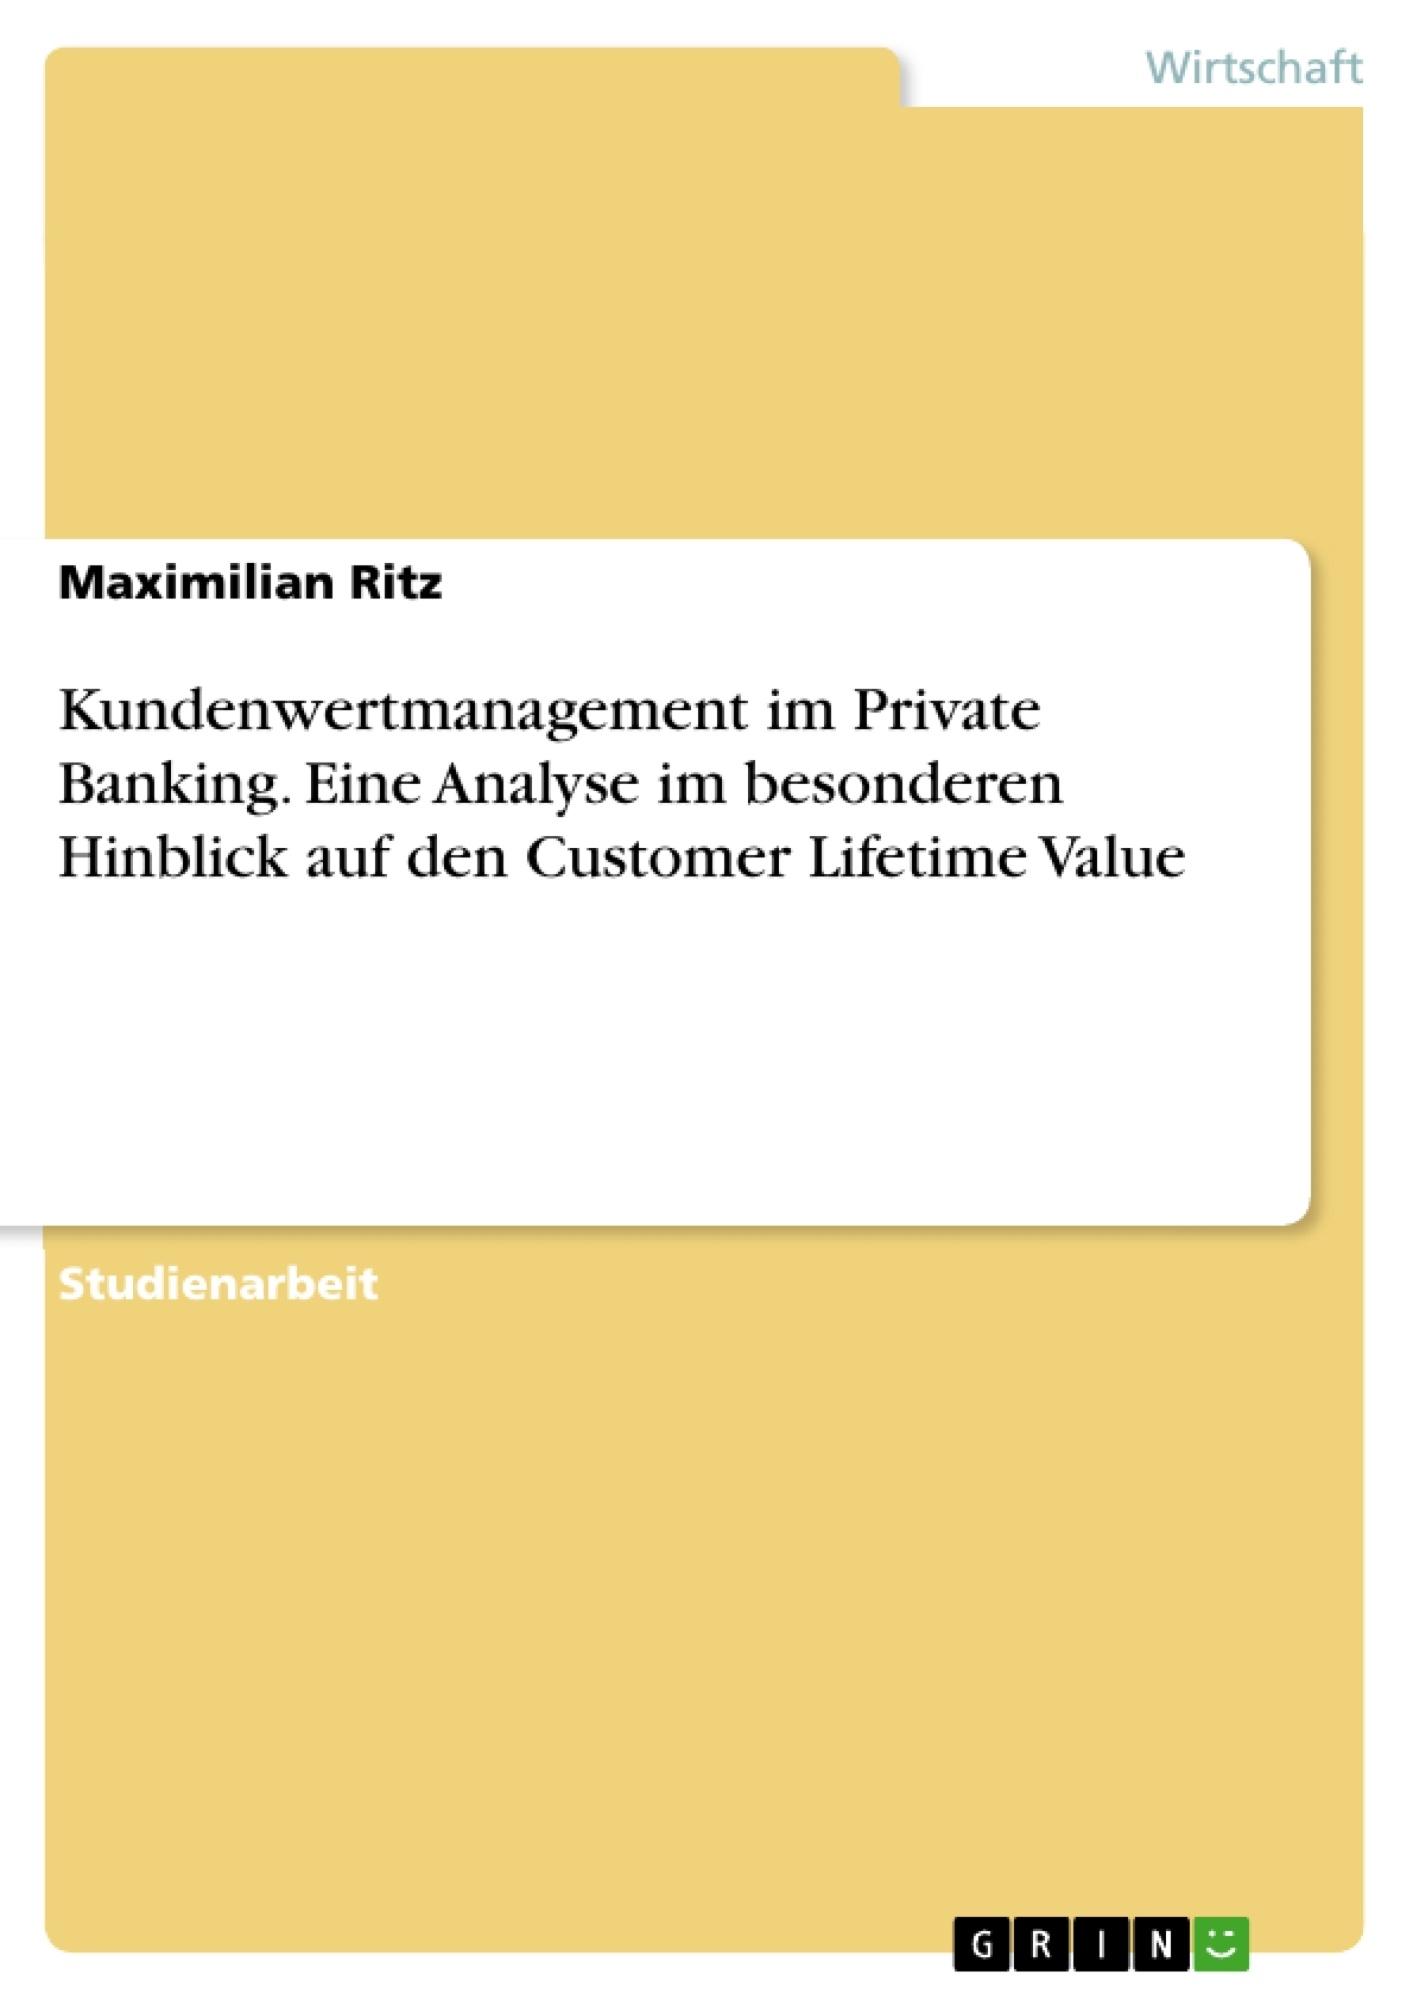 Titel: Kundenwertmanagement im Private Banking. Eine Analyse im besonderen Hinblick auf den Customer Lifetime Value